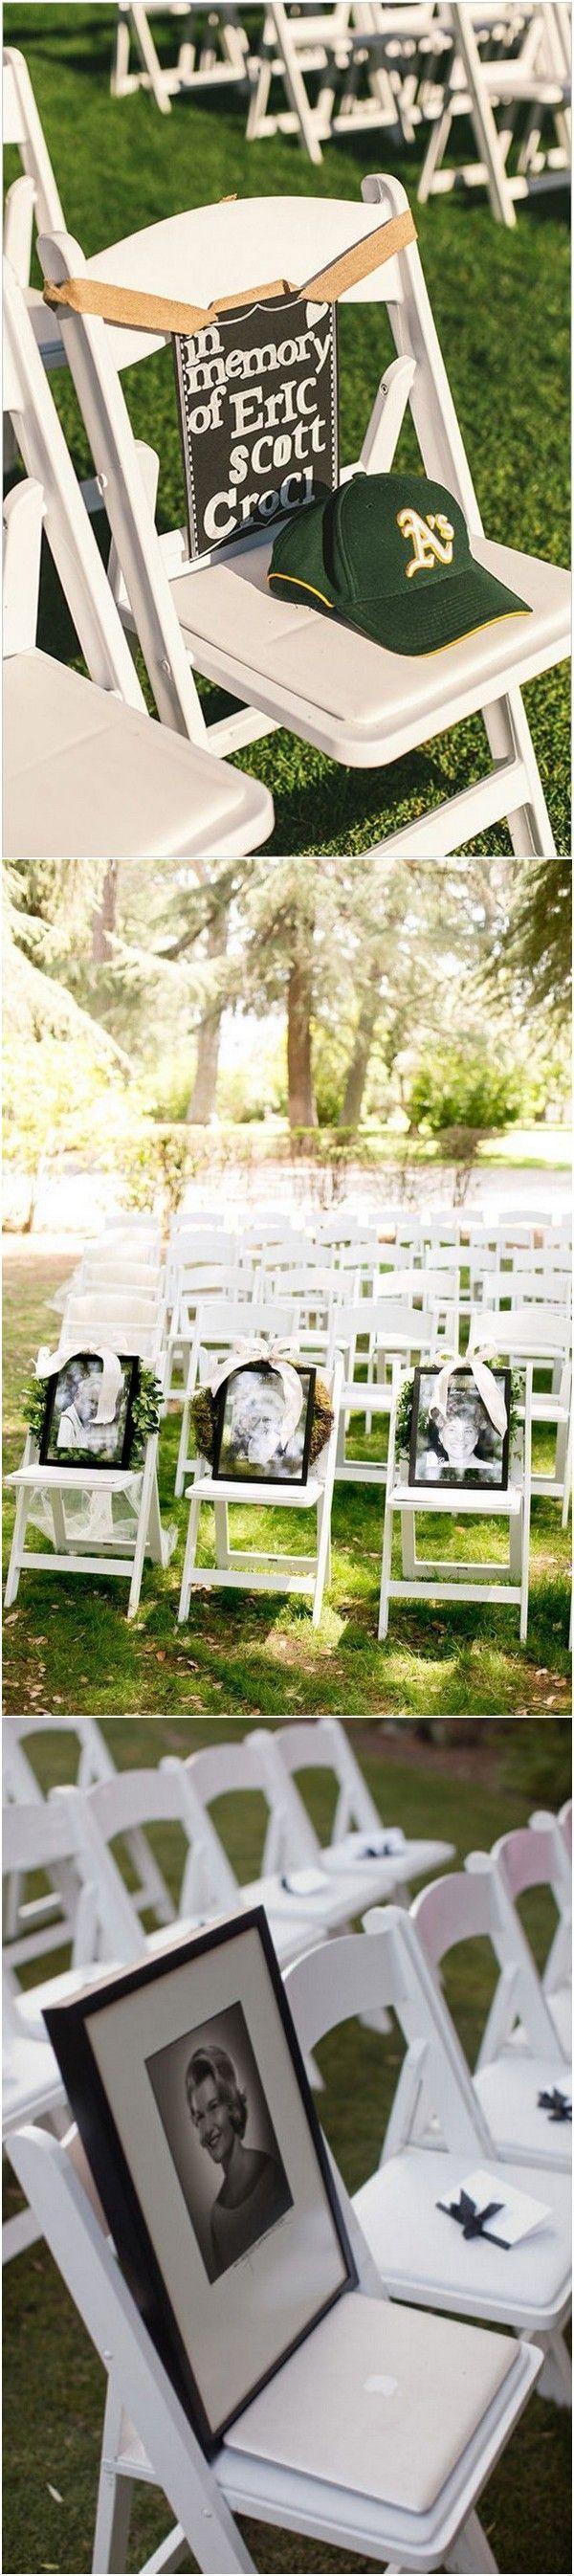 in memory of loved ones wedding ideas #weddinghacks